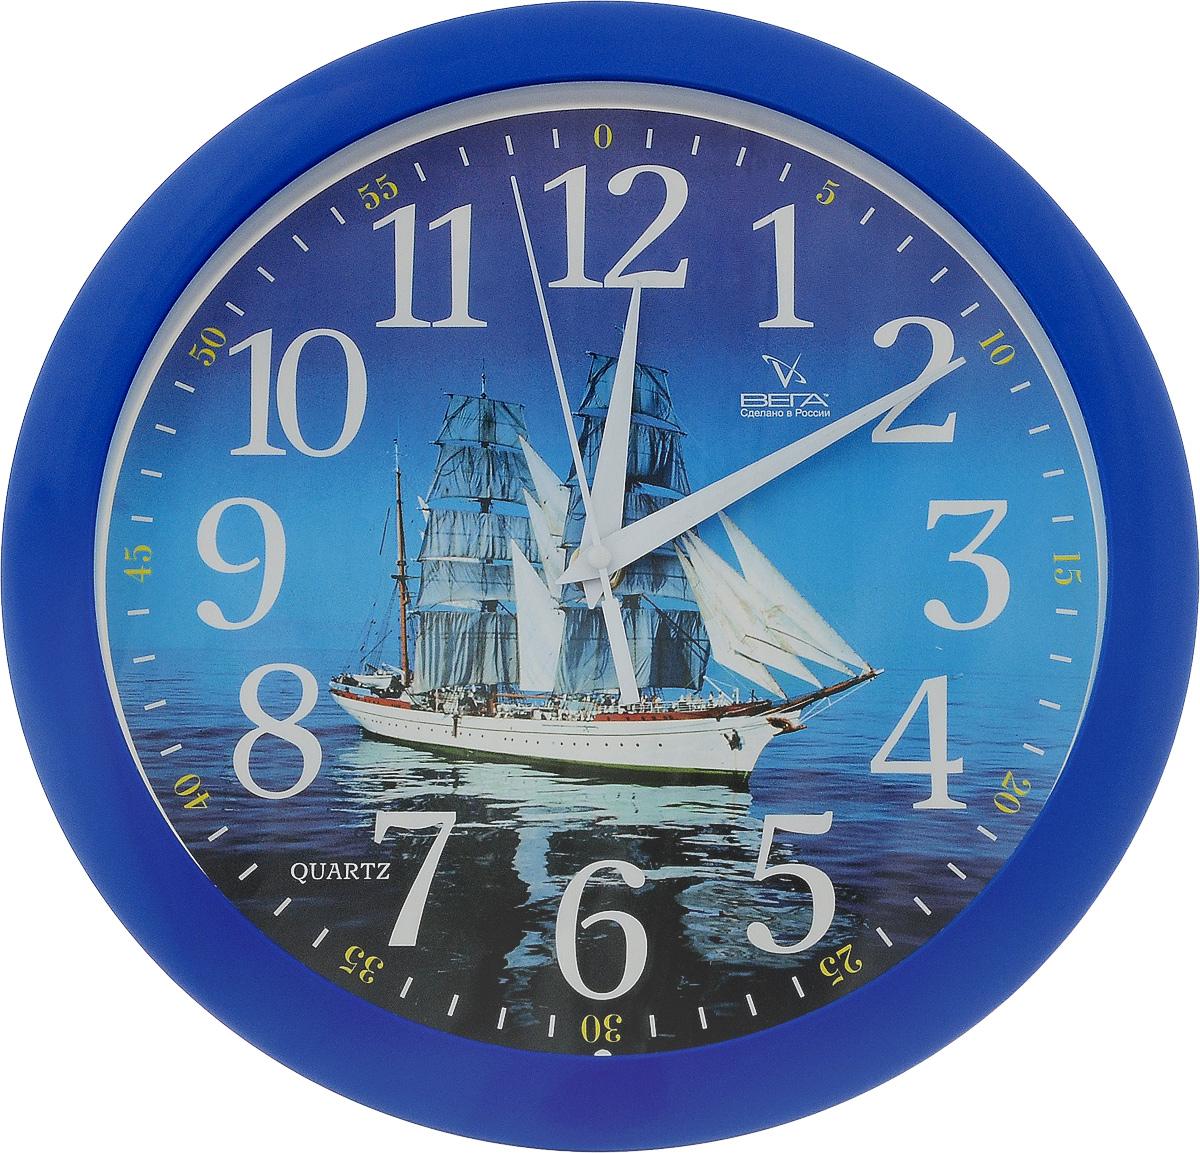 Часы настенные Вега Корабль, диаметр 28,5 см22432Настенные кварцевые часы Вега Корабль, изготовленные из пластика, прекрасно впишутся в интерьер вашего дома. Циферблат, оформленных изображением корабля, имеет отметки, арабские цифры и три стрелки - часовую, минутную и секундную. Защищен циферблат прозрачным пластиком. Часы работают от 1 батарейки типа АА с напряжением 1,5 В (не входит в комплект).Диаметр часов: 28,5 см.